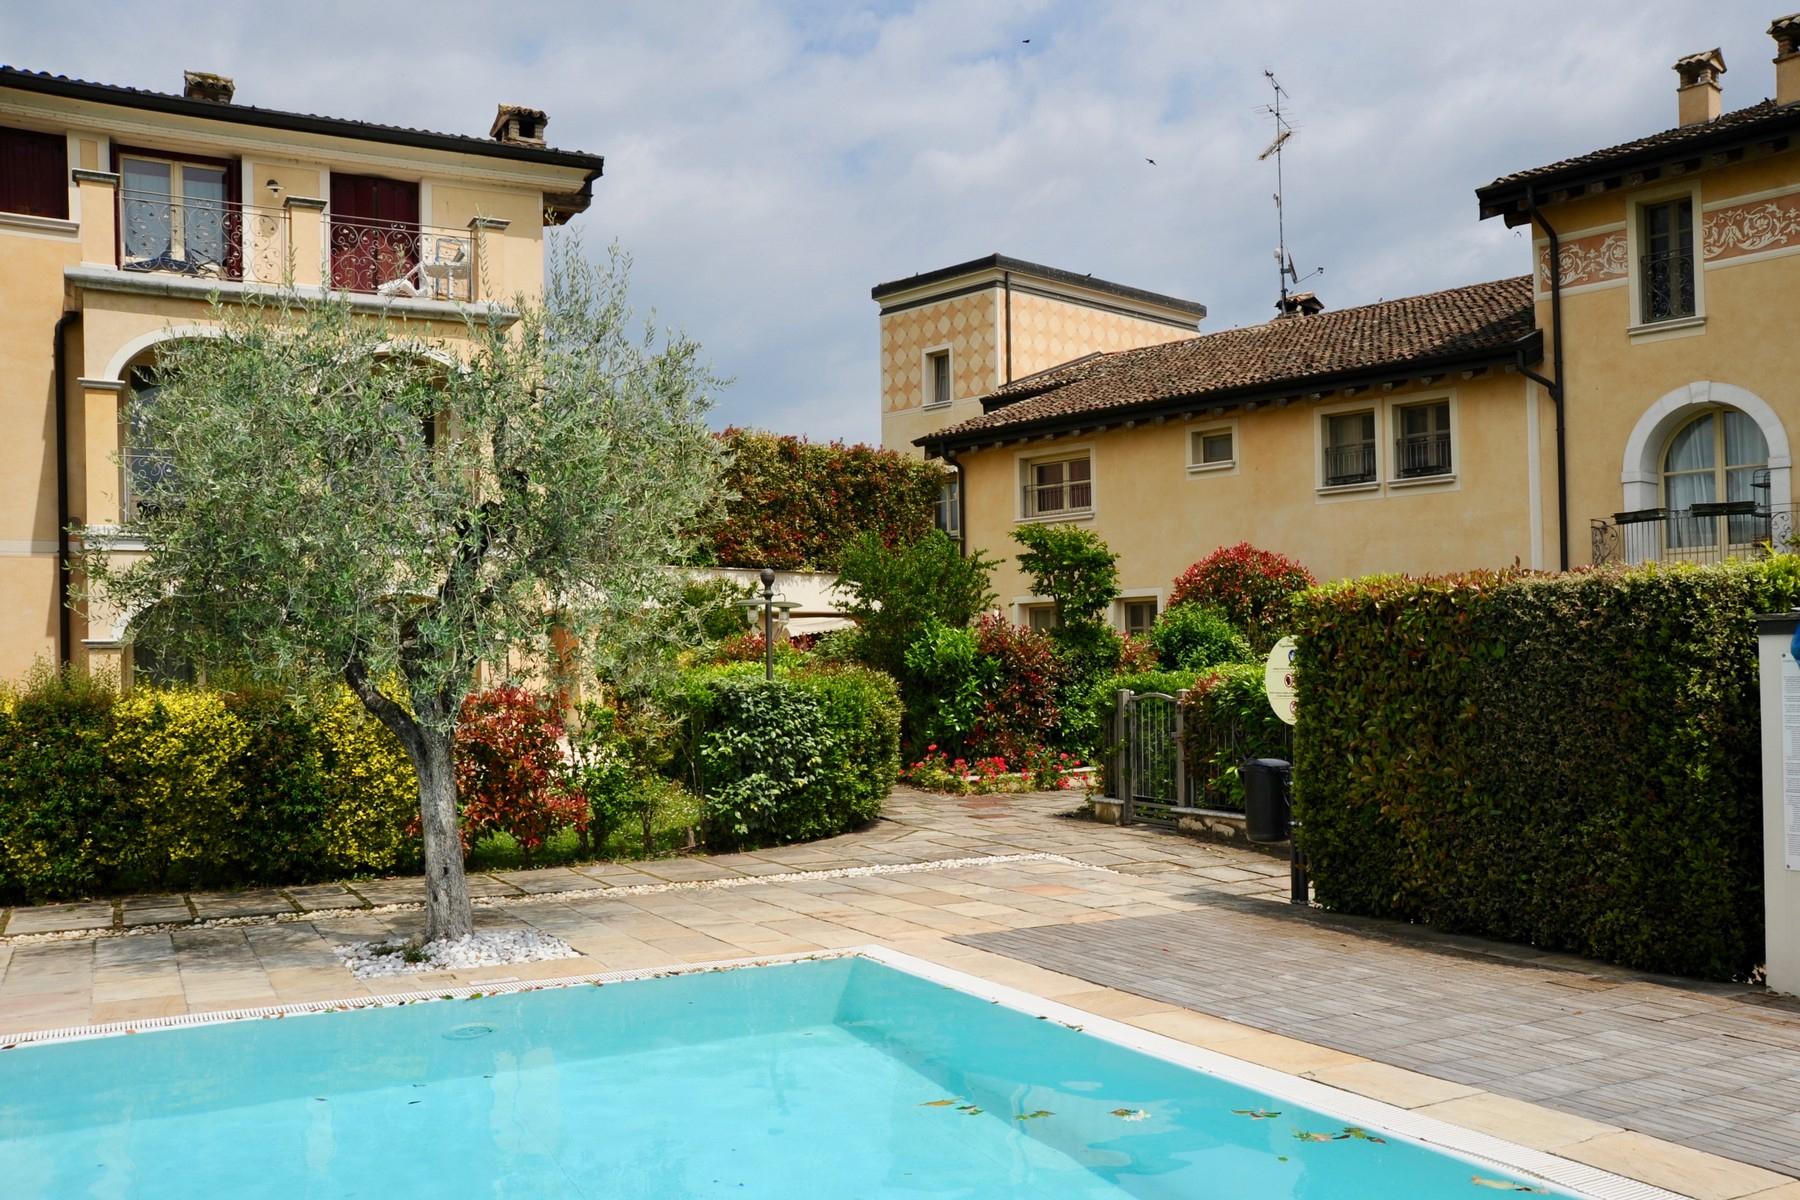 Casa indipendente in Vendita a Desenzano Del Garda: 5 locali, 300 mq - Foto 14